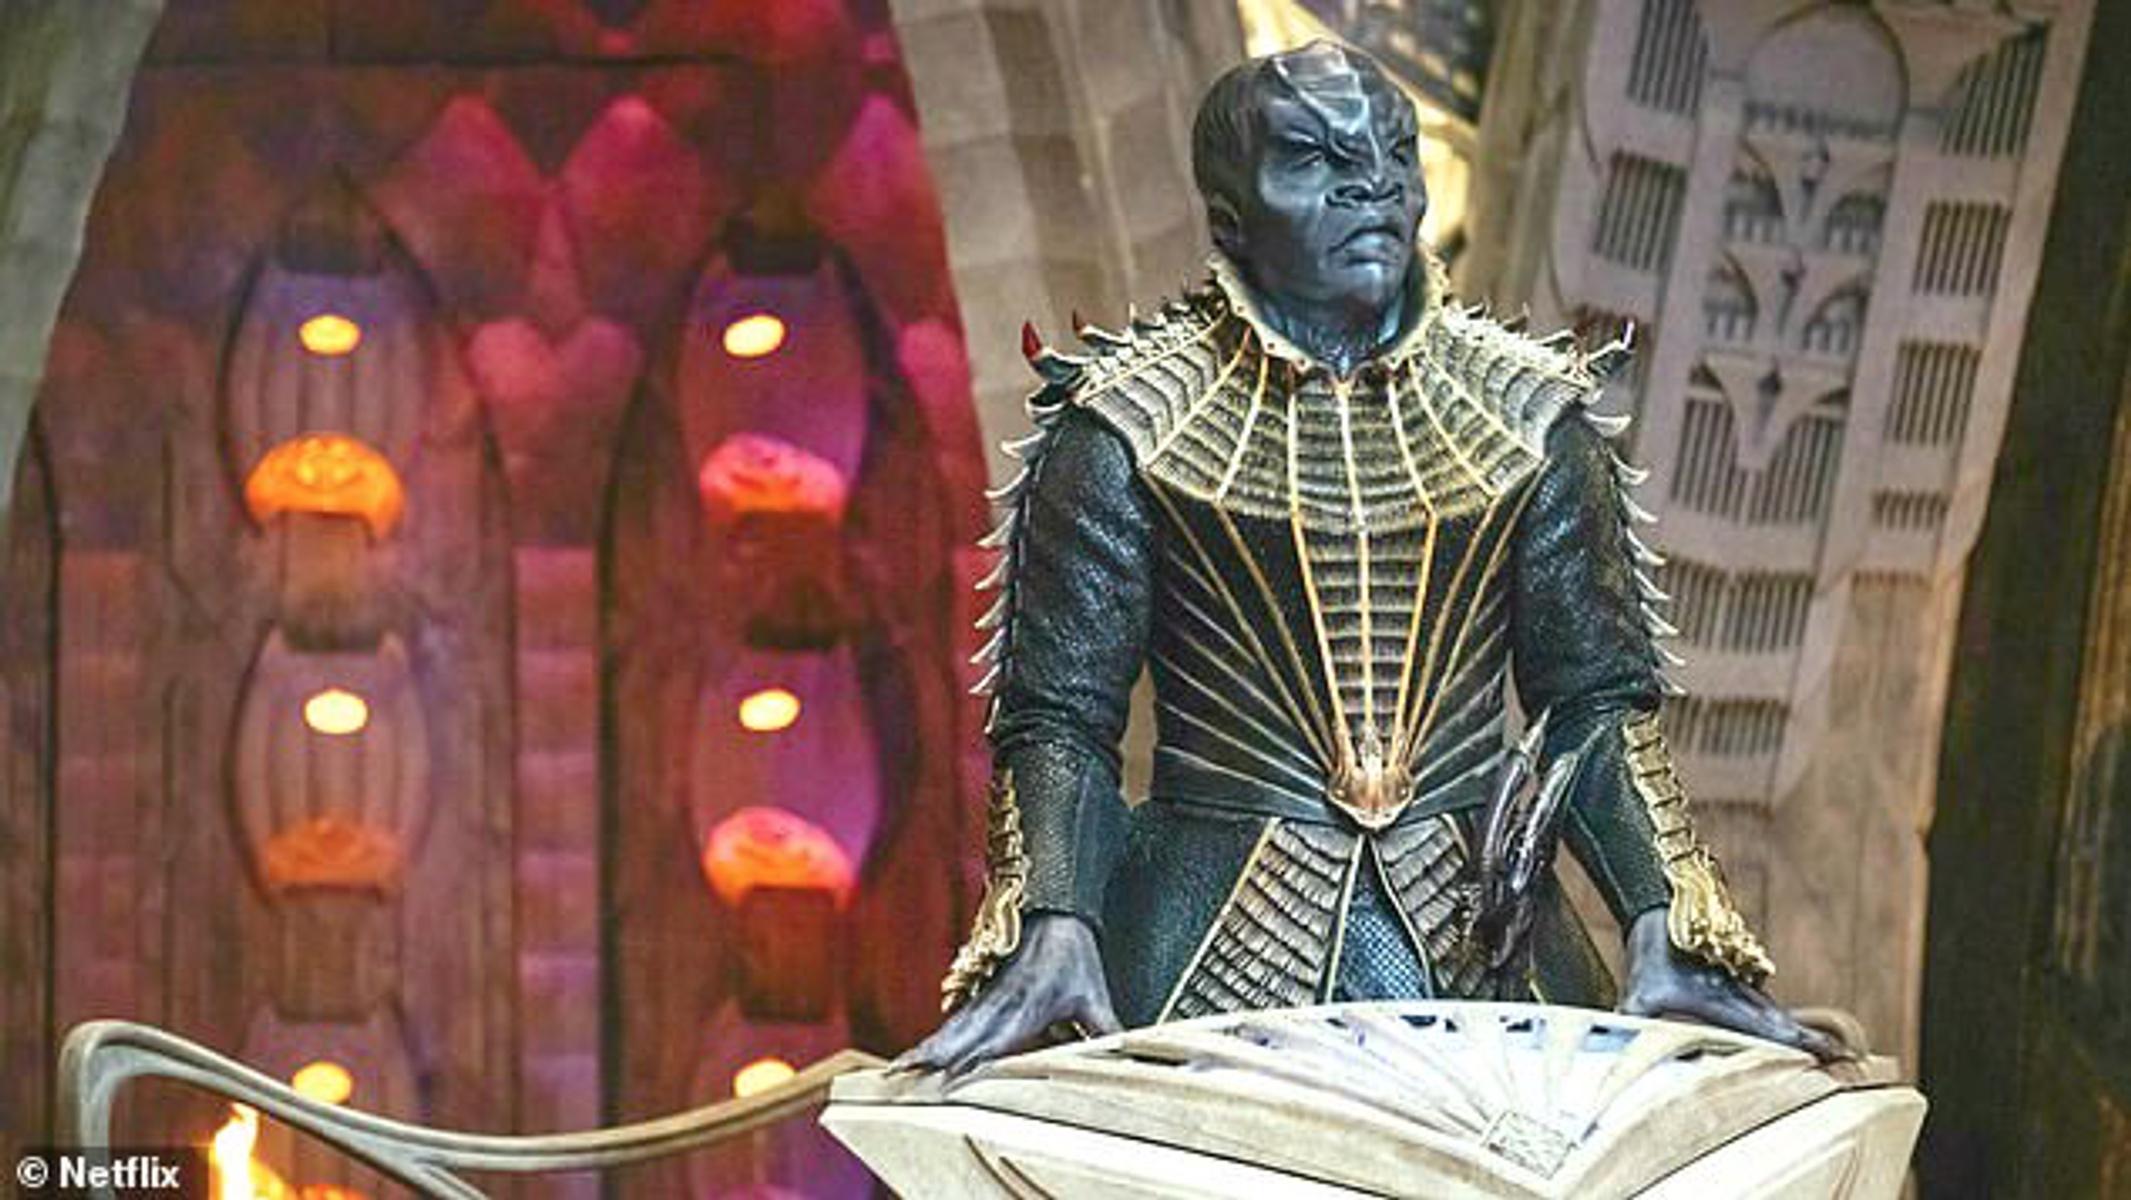 Σοκ! Ηθοποιός του Star Trek κατηγορείται για έξι βιασμούς!